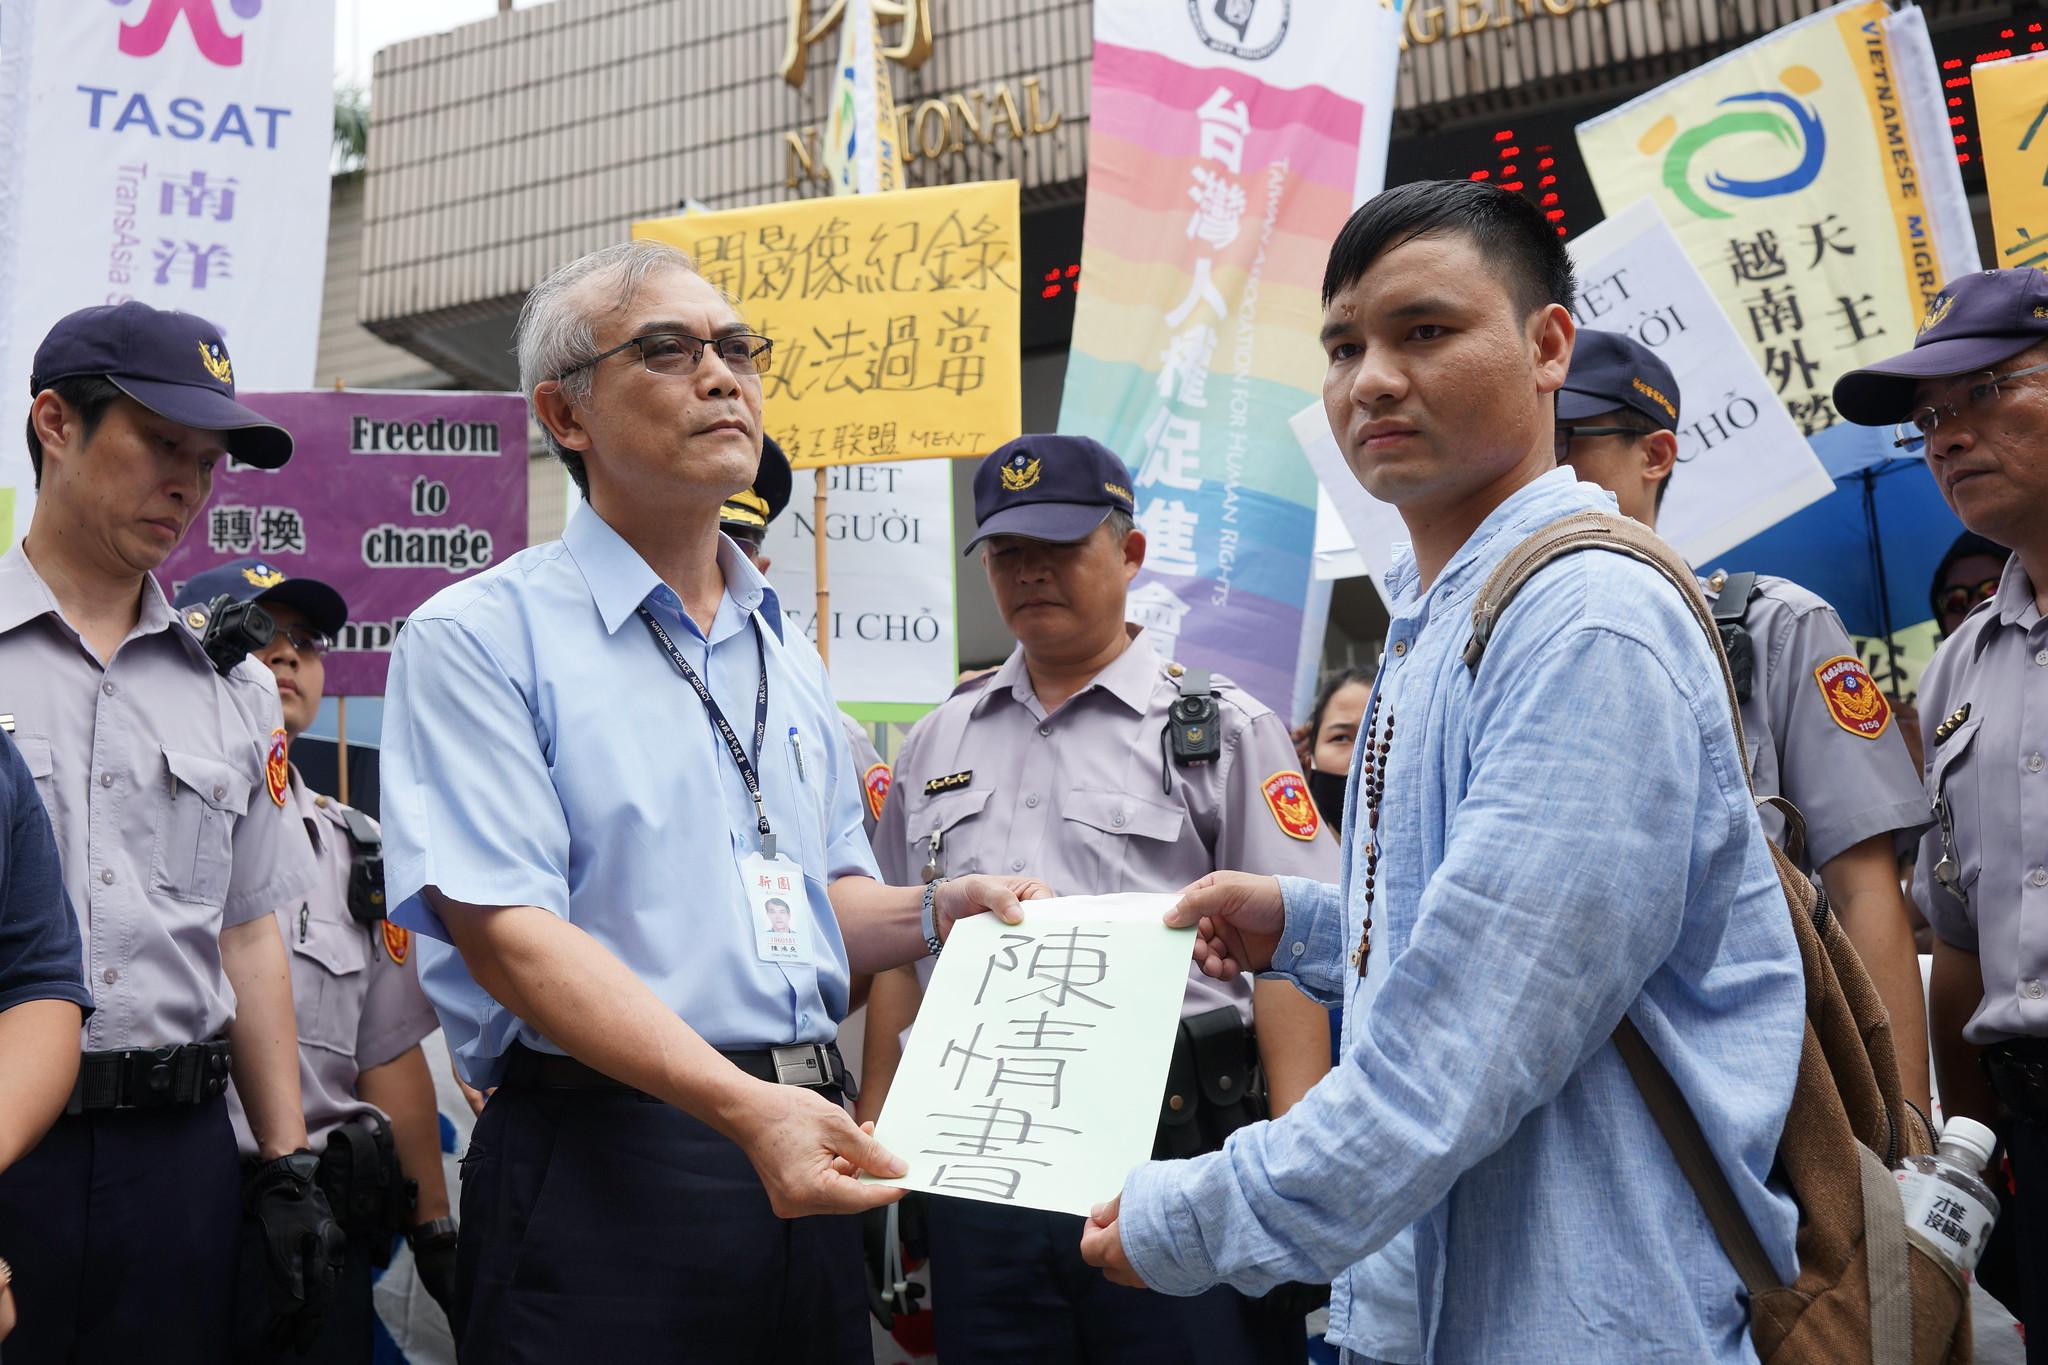 移工團體將陳情書交予警政署。(攝影:王顥中)